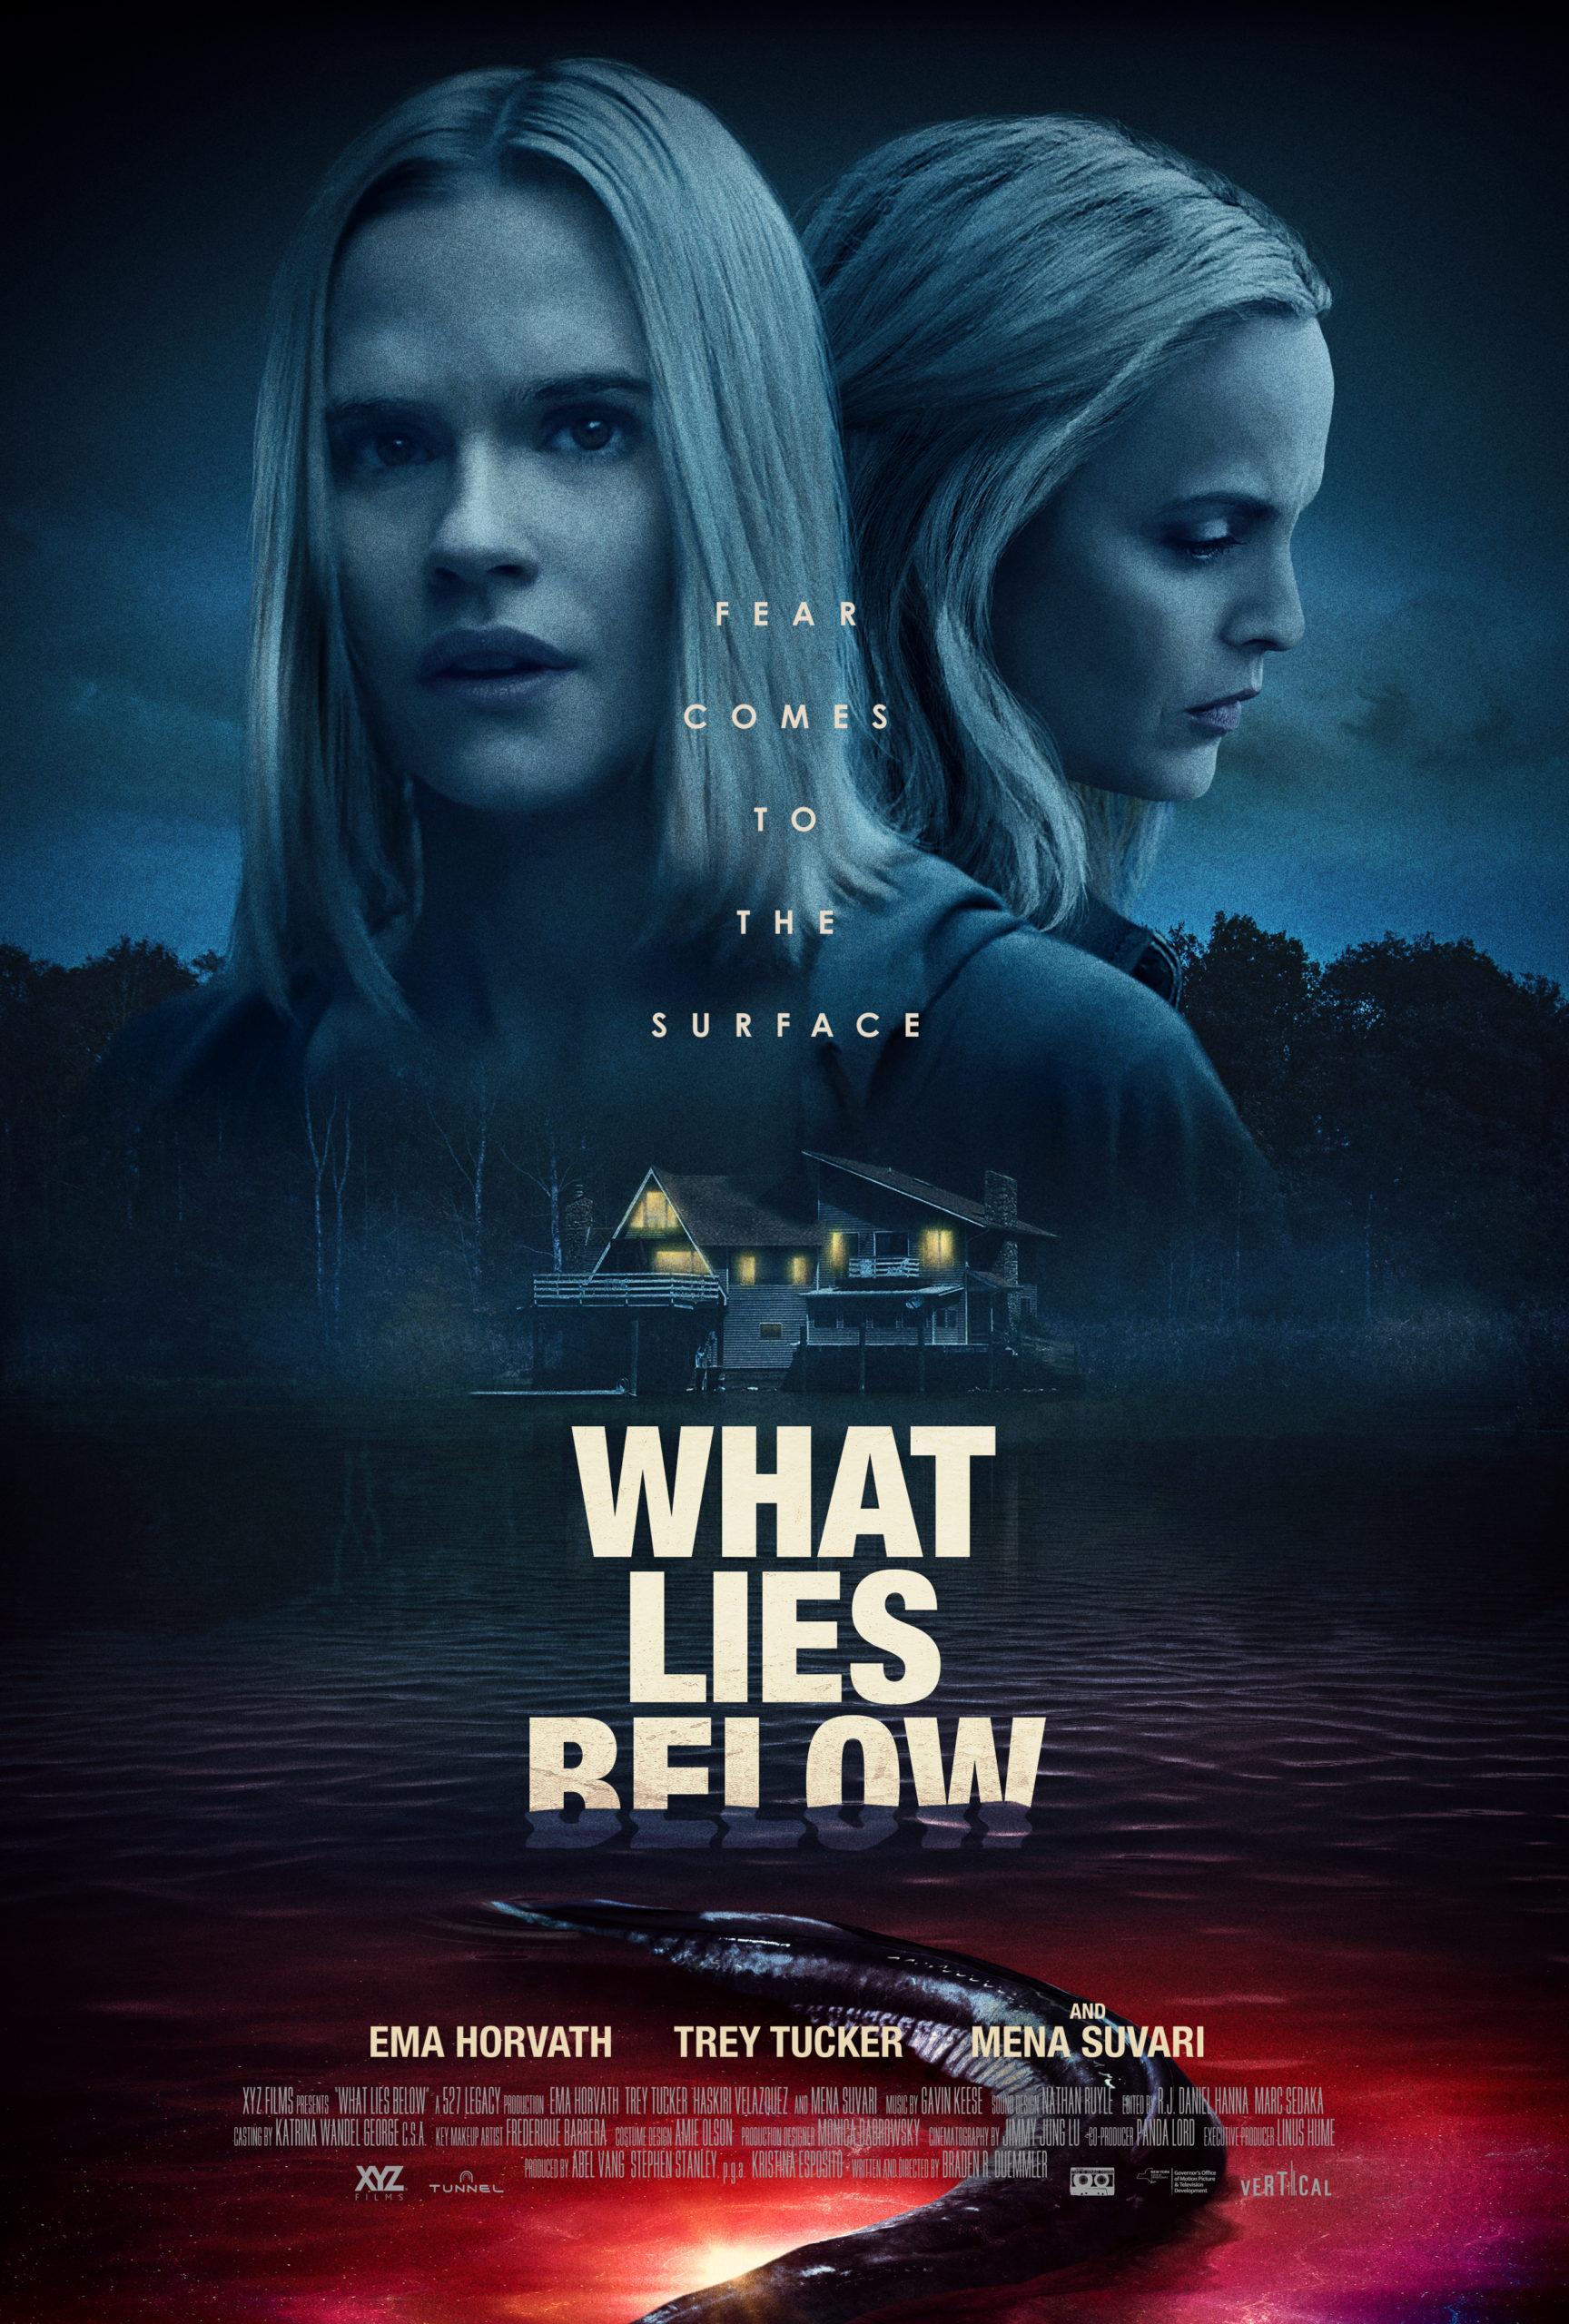 Mena Suvari Faces Aquatic Horrors in 'What Lies Below' This December [Trailer]